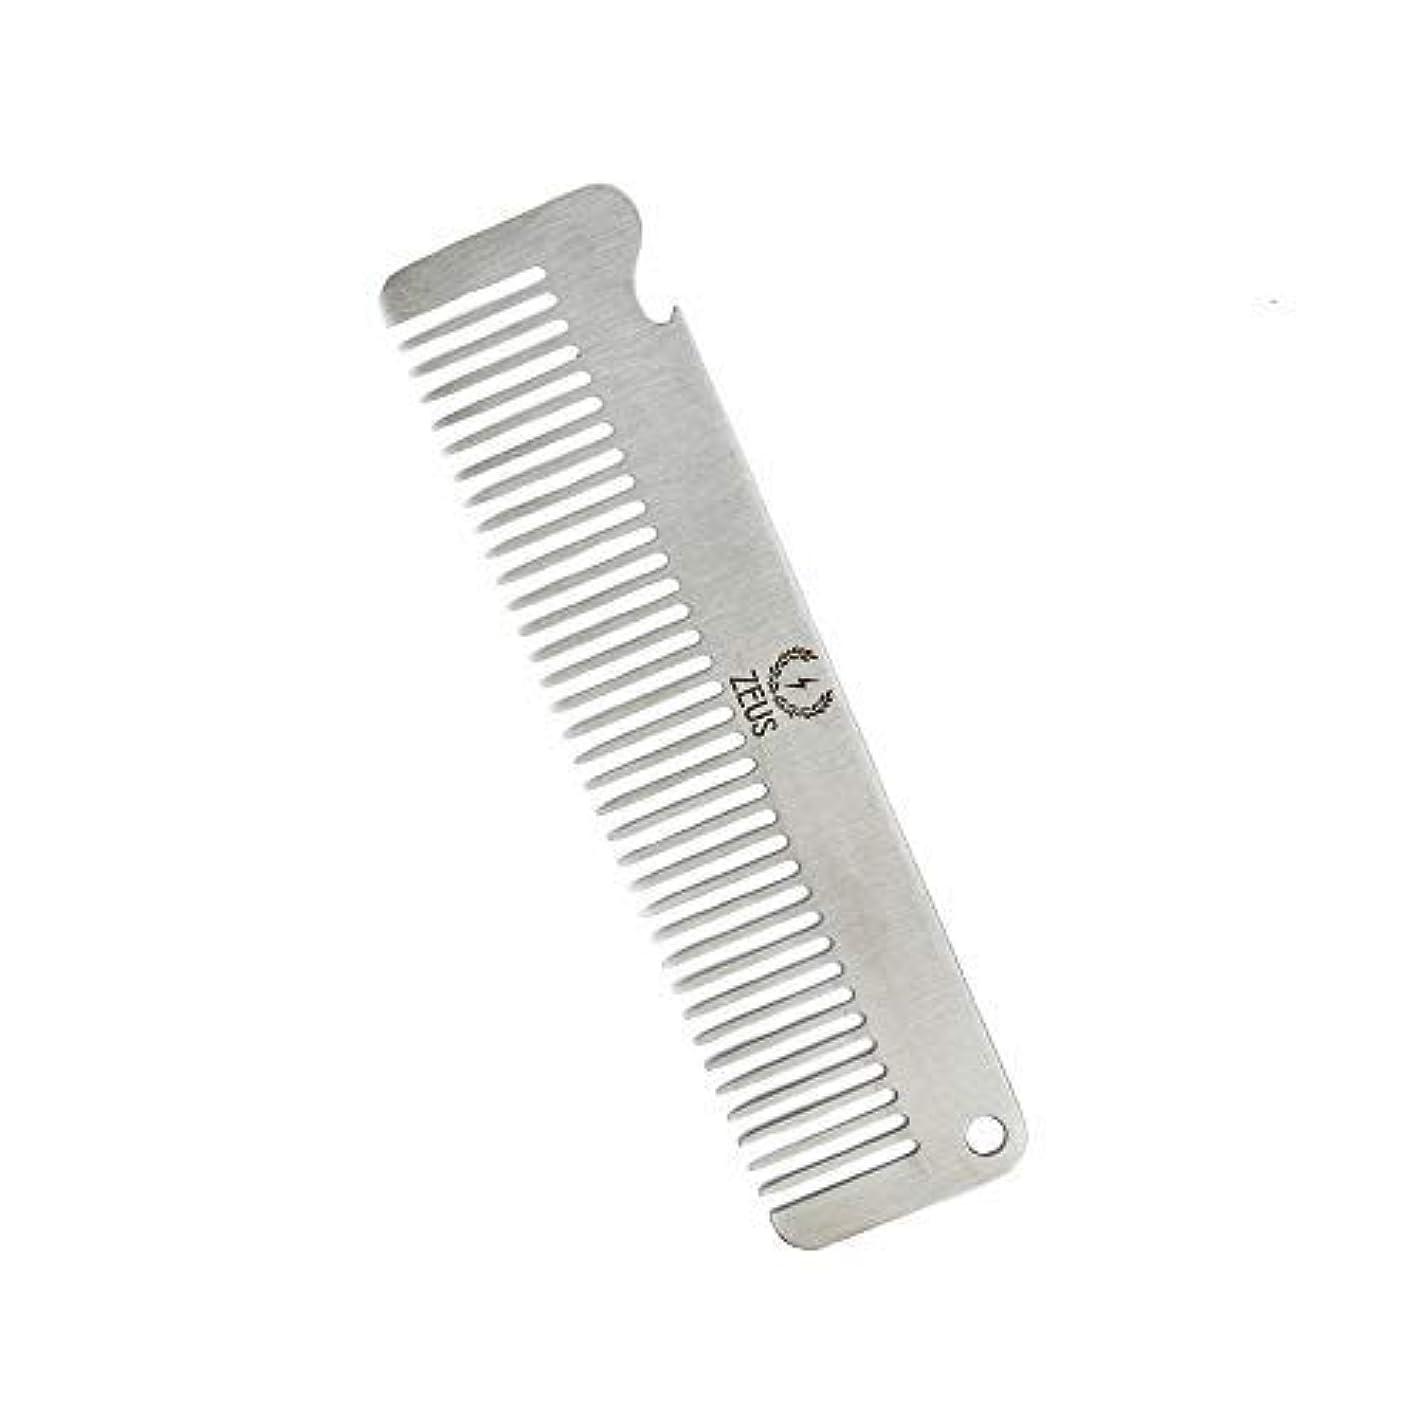 構造リンク意味のあるZEUS Stainless Steel Comb with Bottle Opener - Beard Comb for Men! (Comb) [並行輸入品]